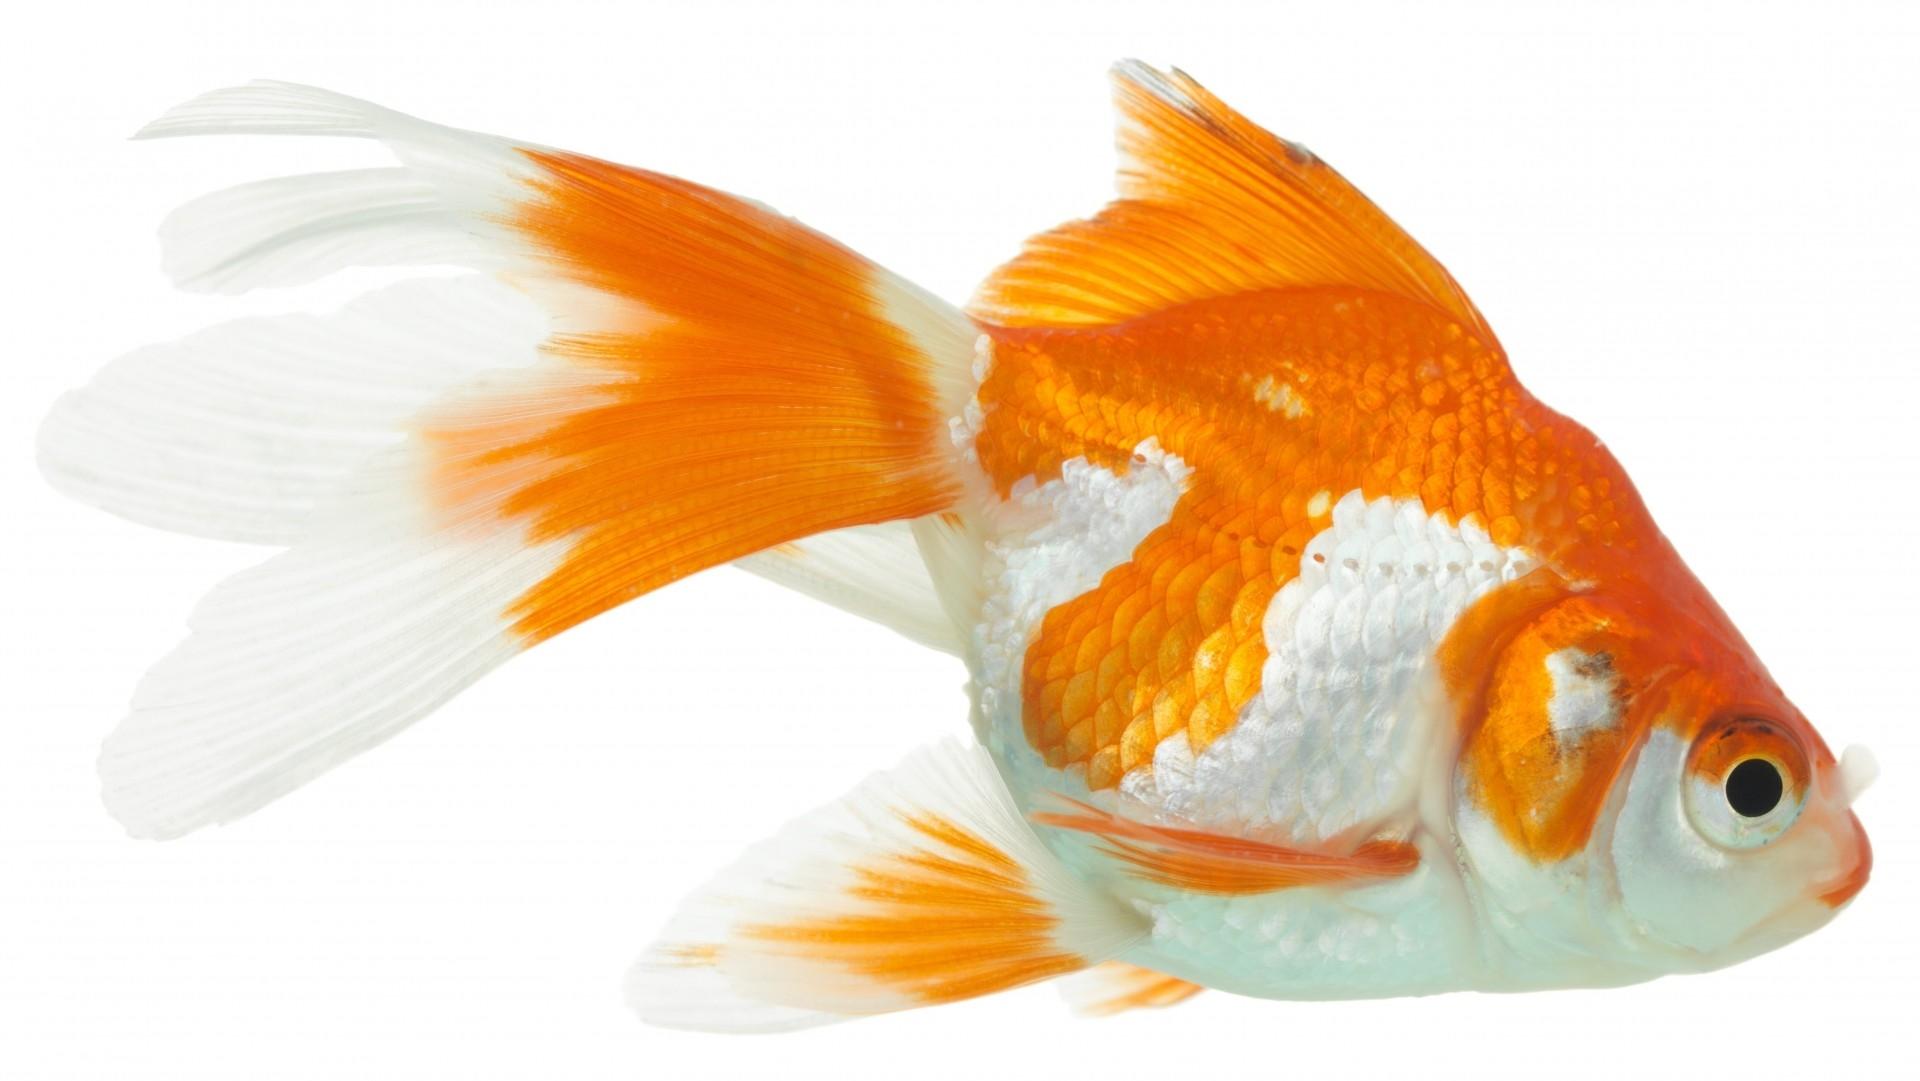 Картинки рыбки для детей на белом фоне (11)